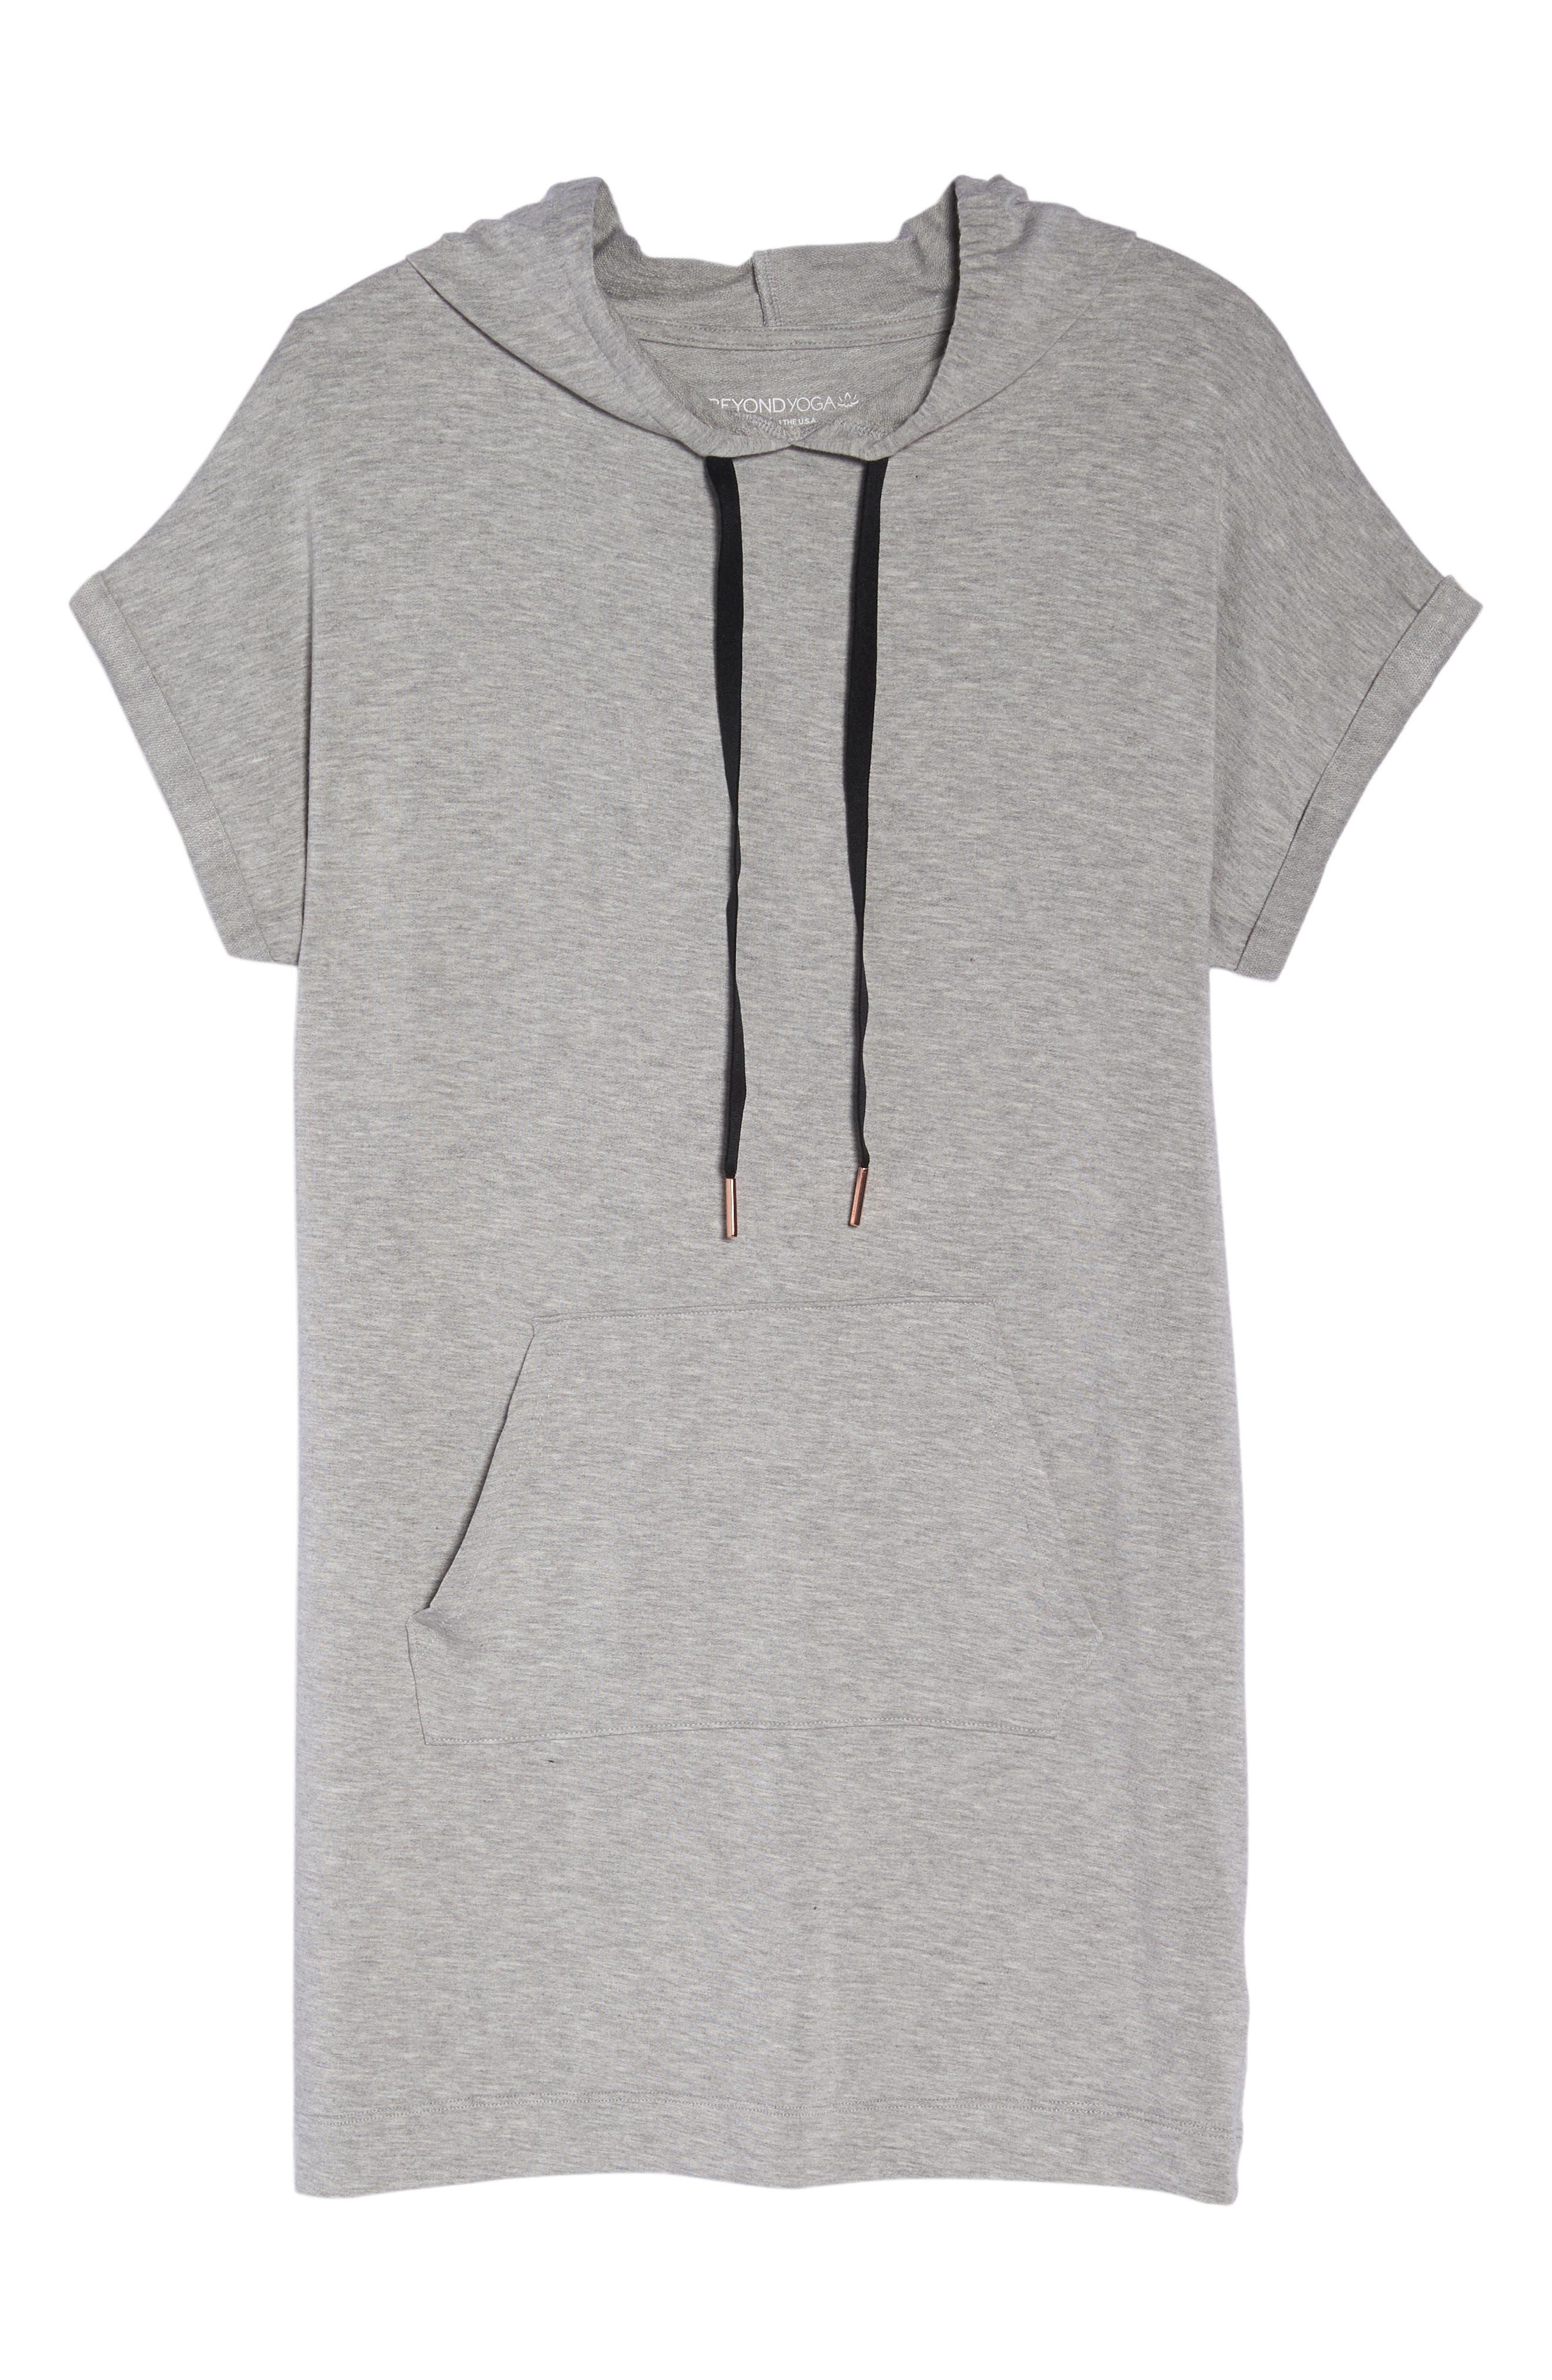 It's All Hoodie Hooded Sweatshirt Dress,                             Alternate thumbnail 7, color,                             023